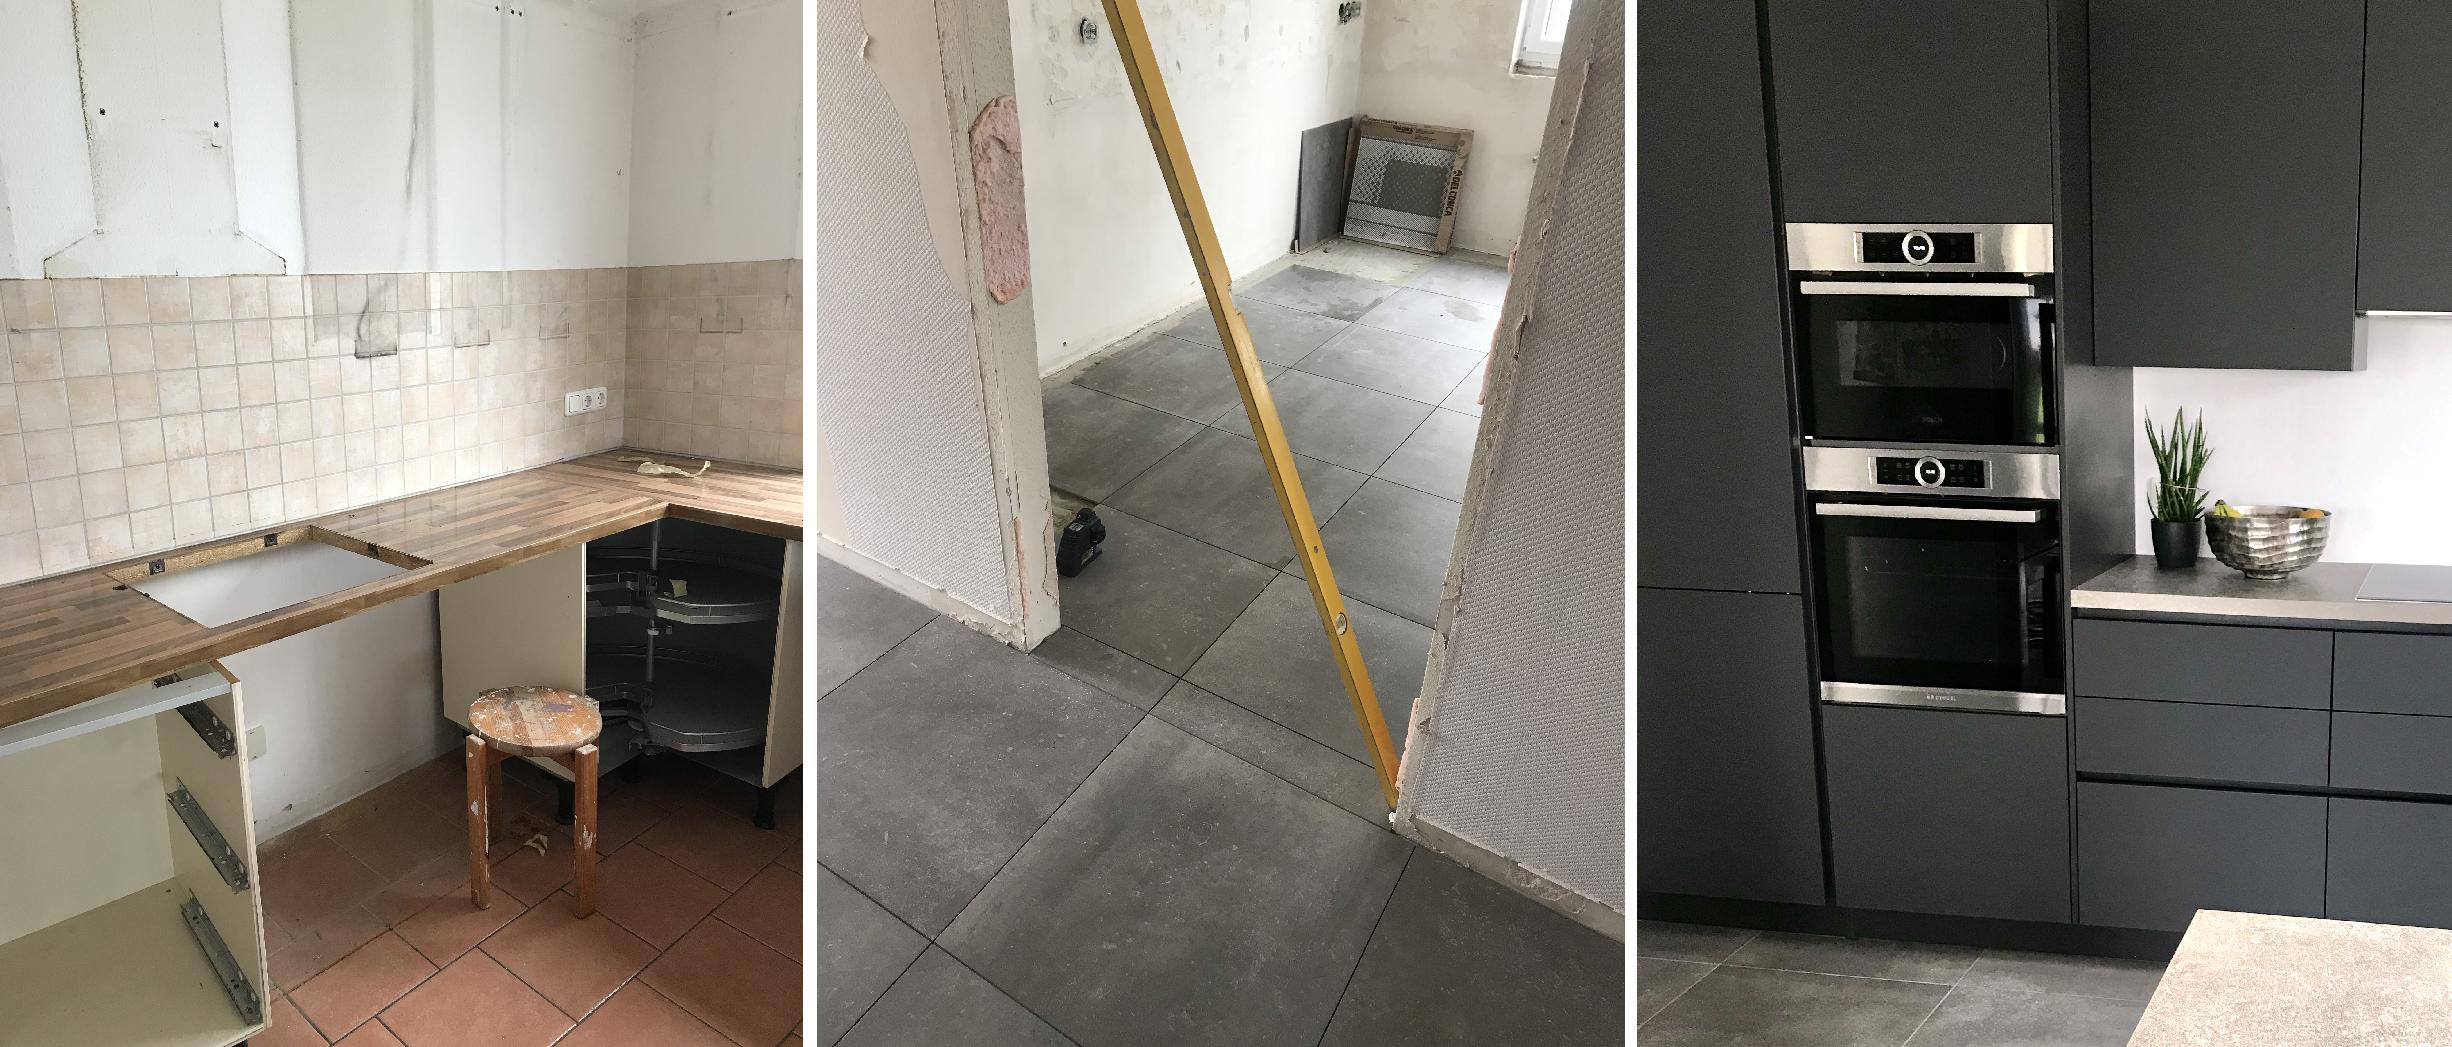 Küchenrenovierung im Einfamilienhaus - neue grau Fliesen in Betonoptik und neue moderne Küche in anthrazit